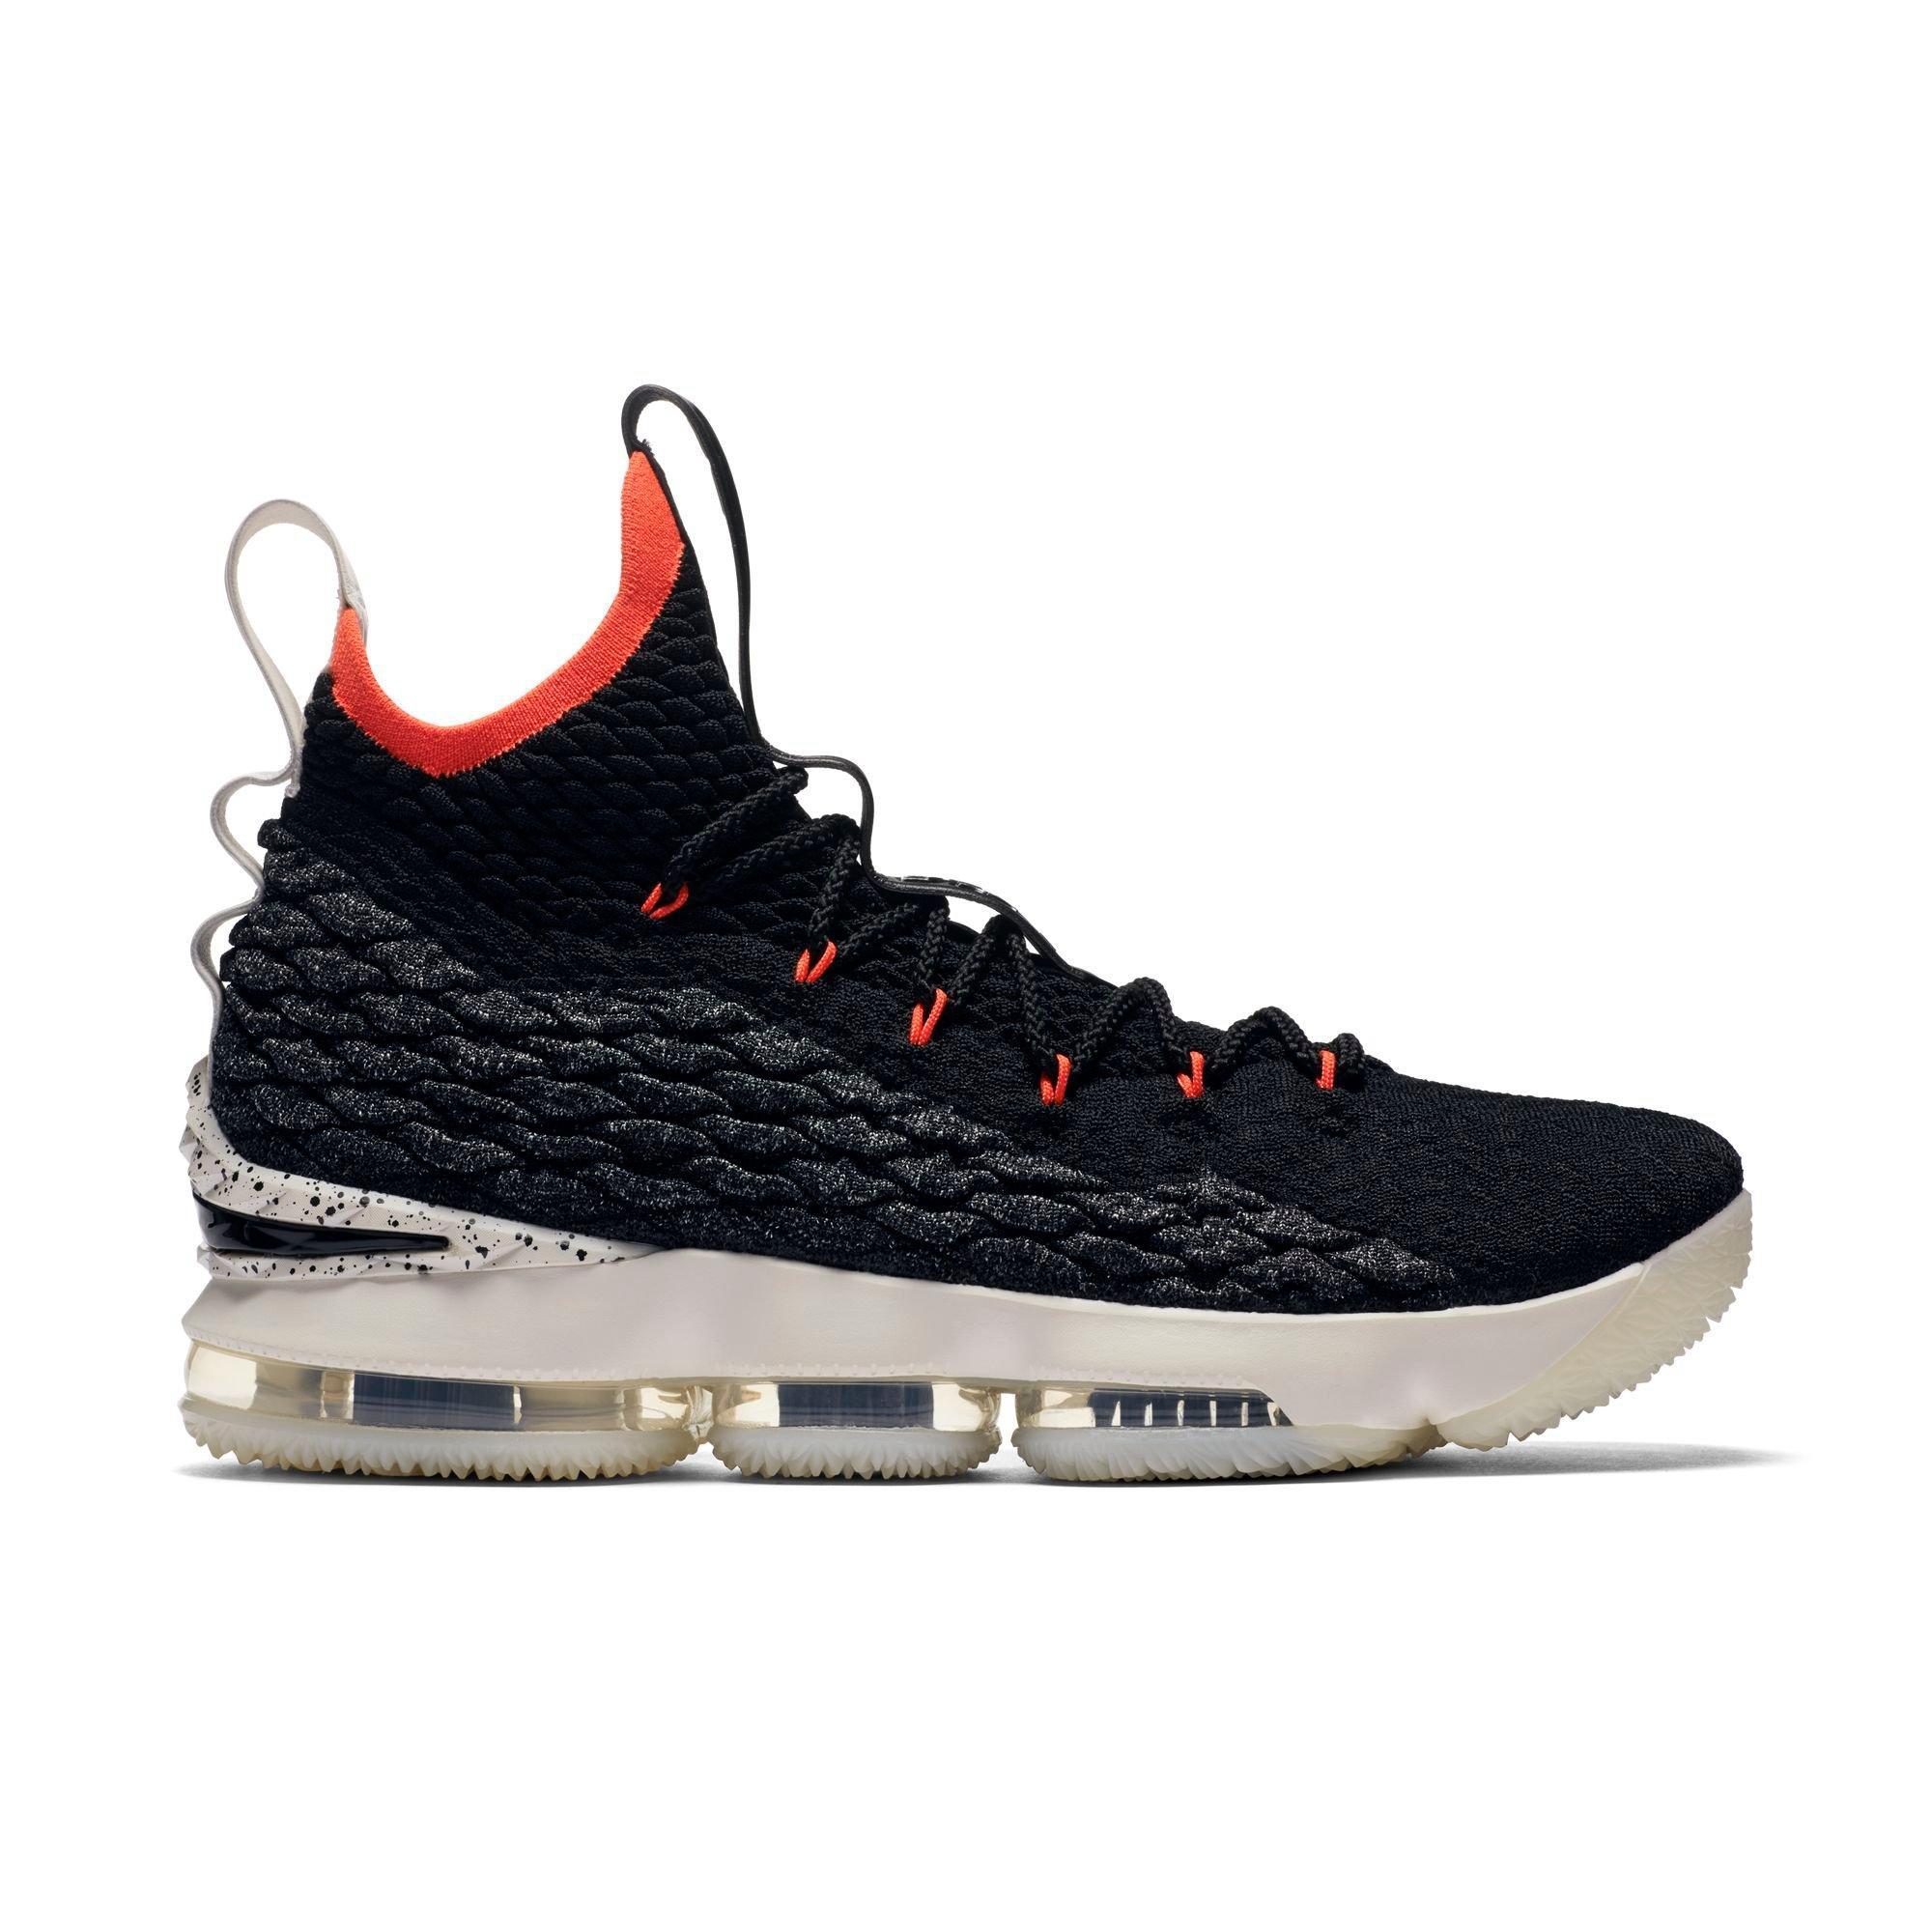 70d98435ac1 Cool Nike ShoesNike Roshe ... lebron shoes hibbett sports cheap ... lebron  10 mens size 6.5 ...